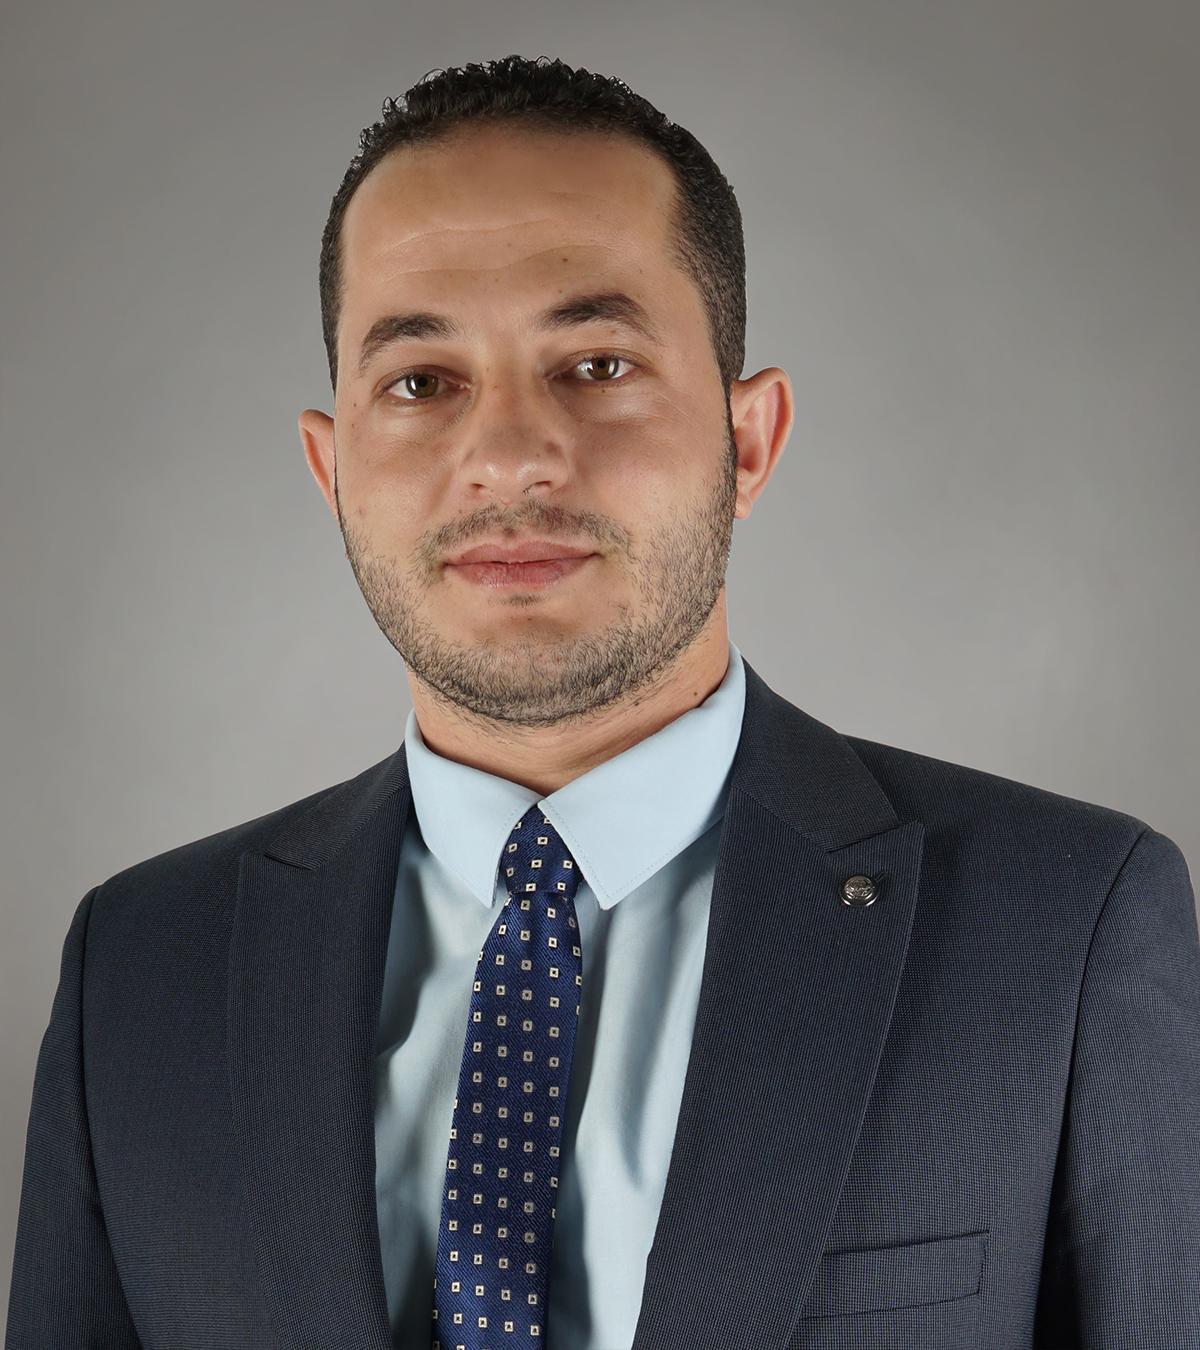 Ahmed Menazaa